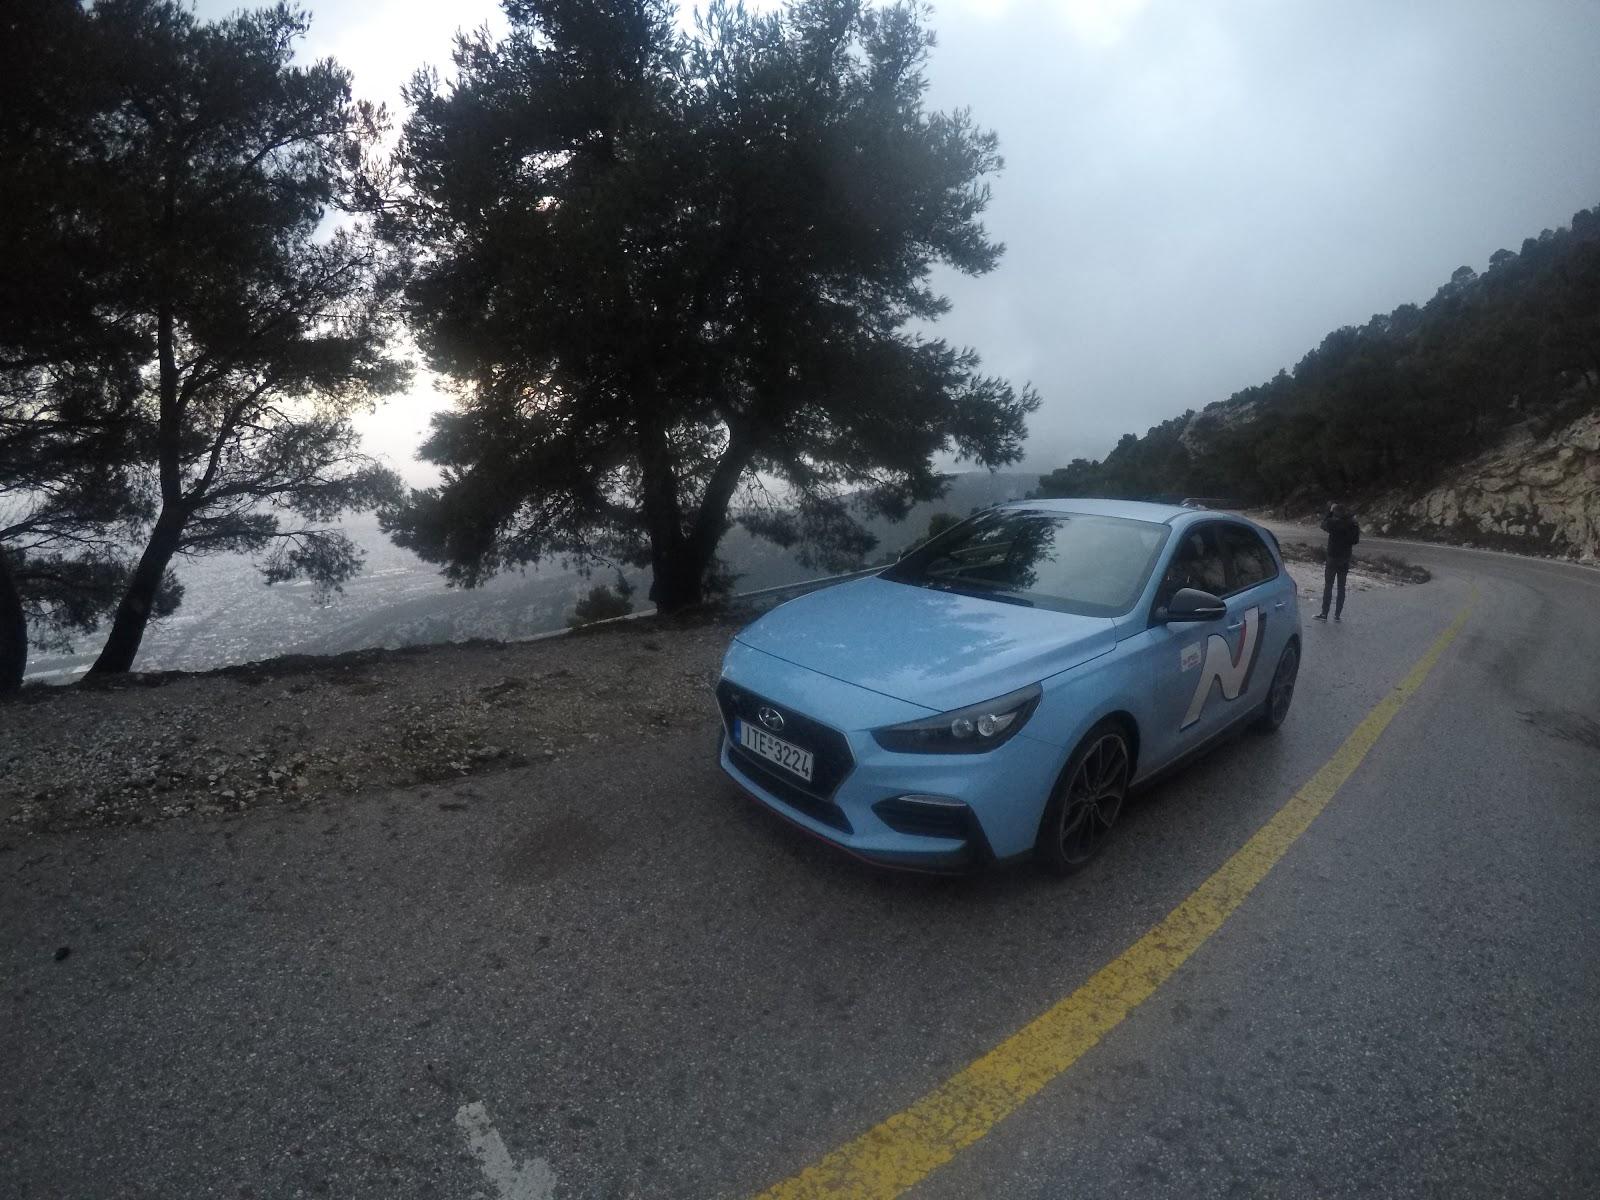 GOPR1136 Πώς είναι να ζείς με ένα Hyundai i30N Hyundai, hyundai i30n, Hyundai Ελλάς, TEST, video, videos, zblog, ΔΟΚΙΜΕΣ